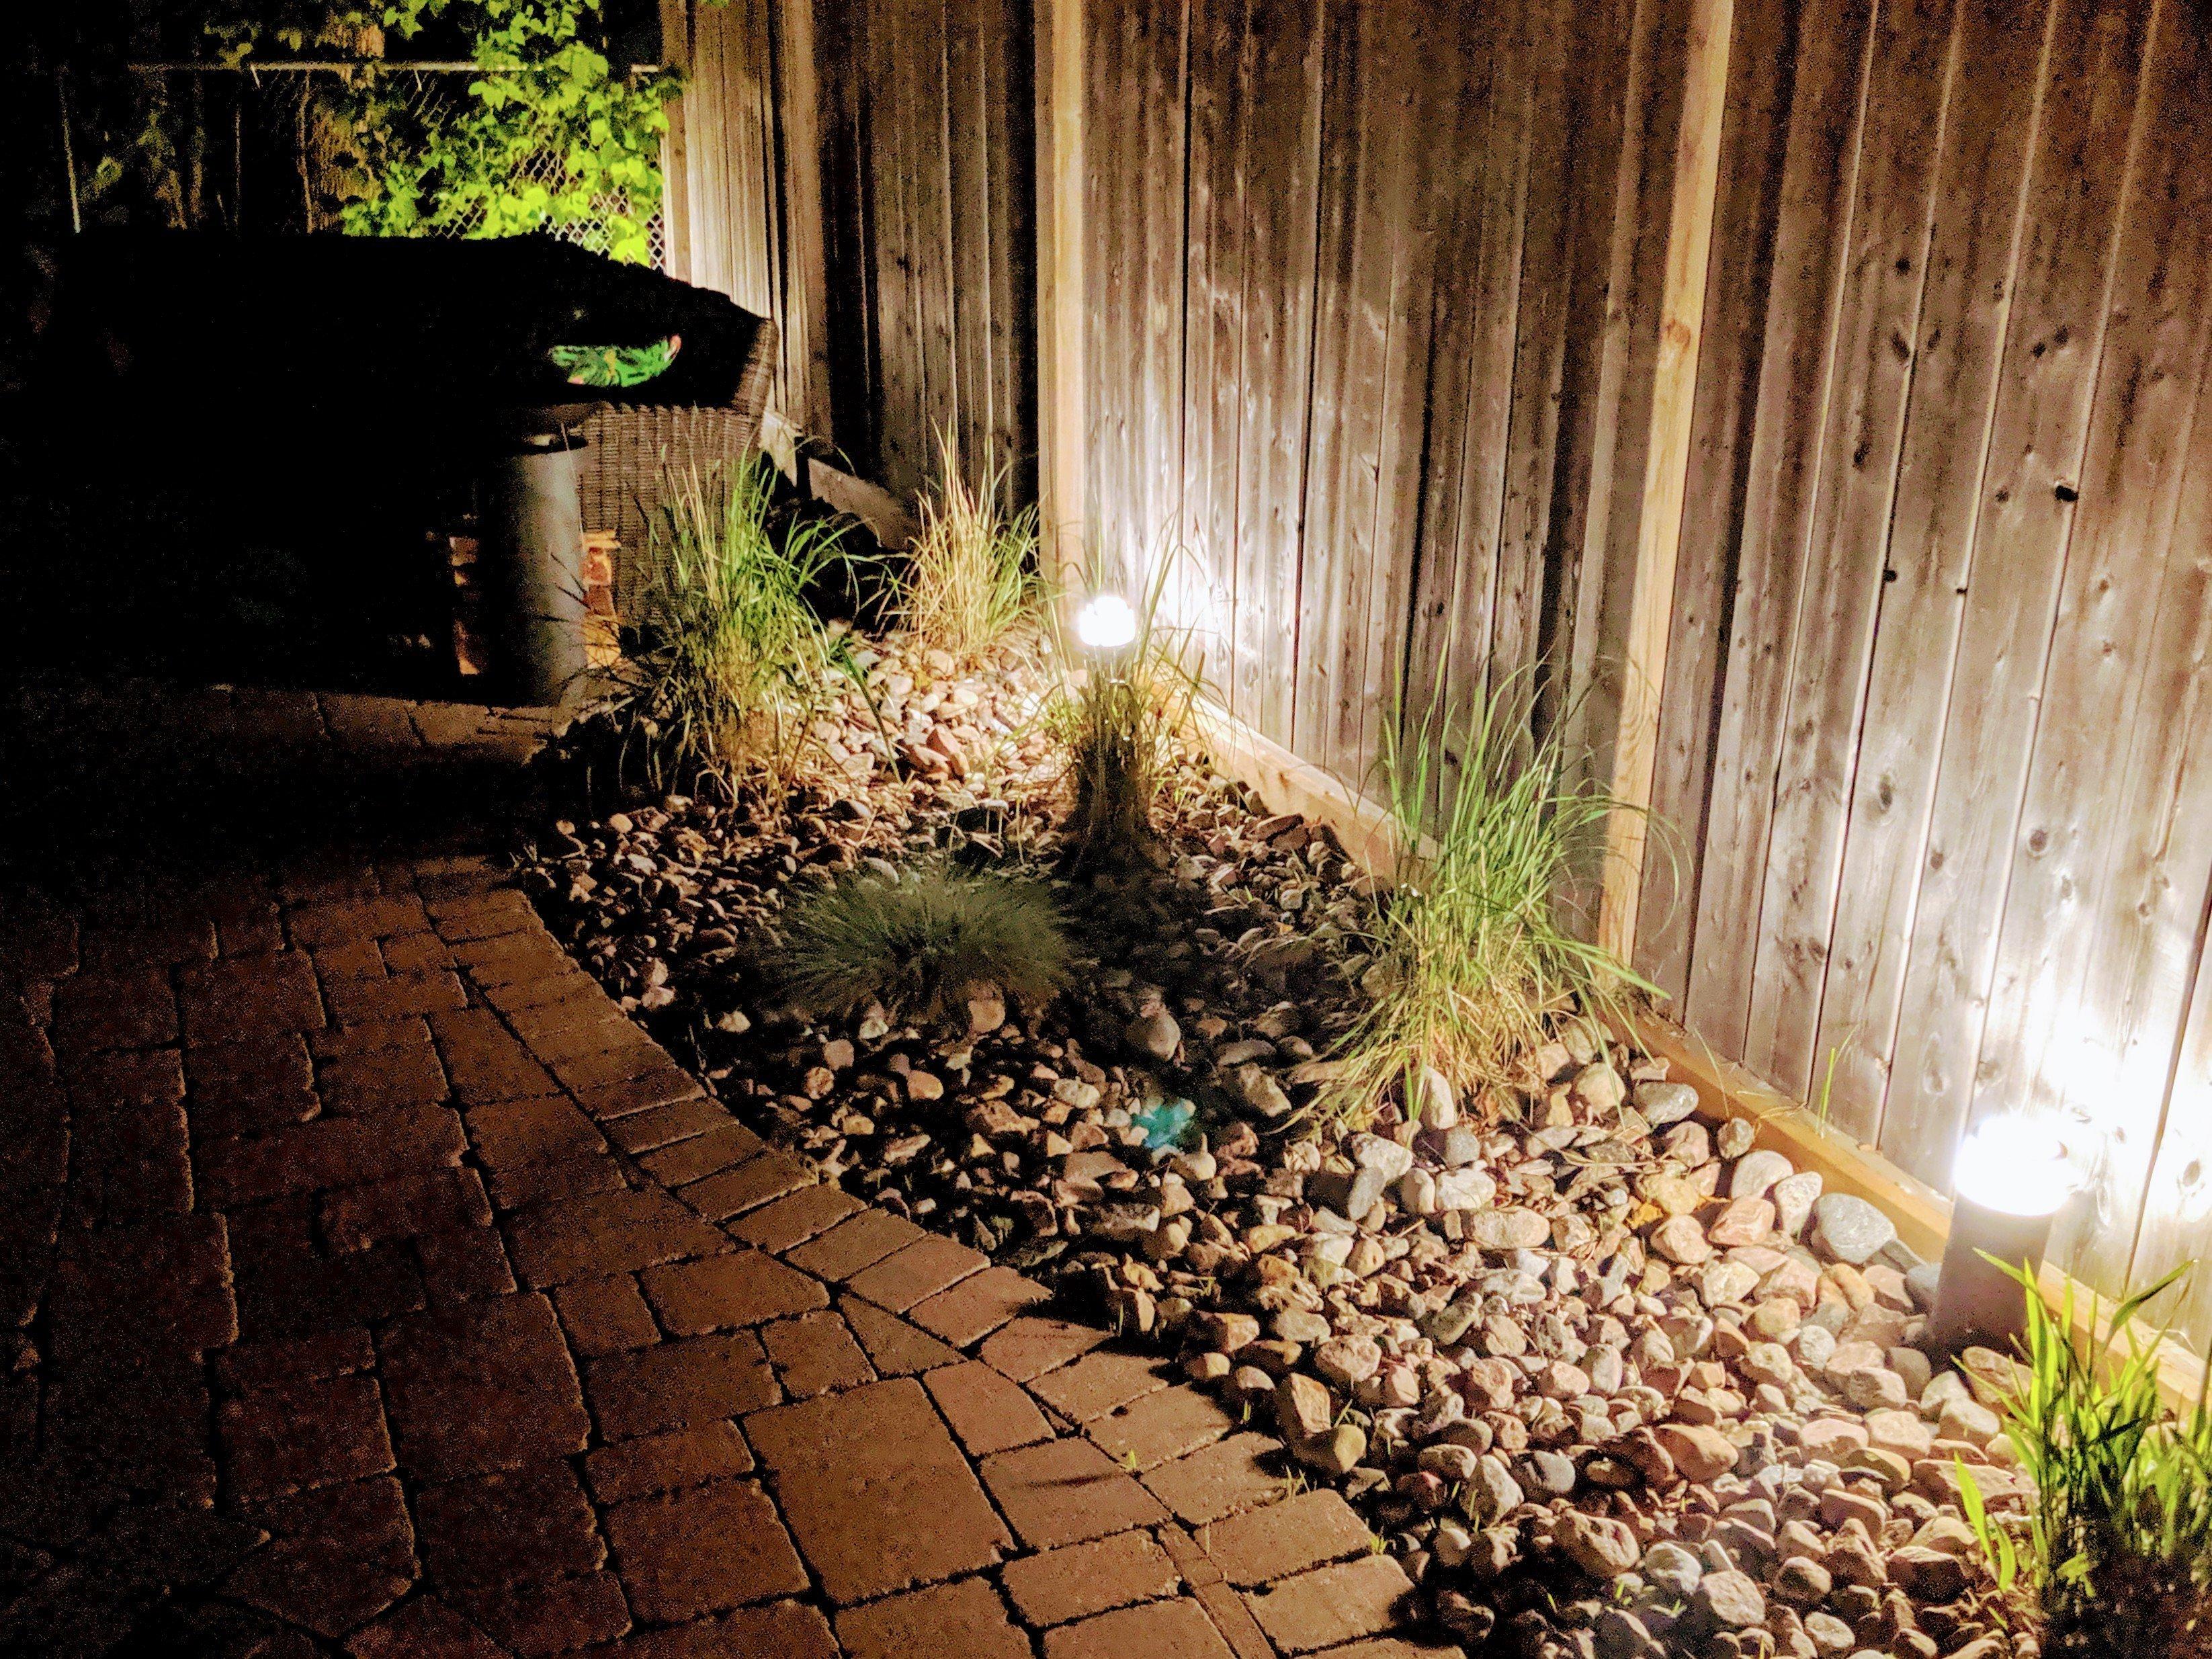 philips hue smart outdoor lighting